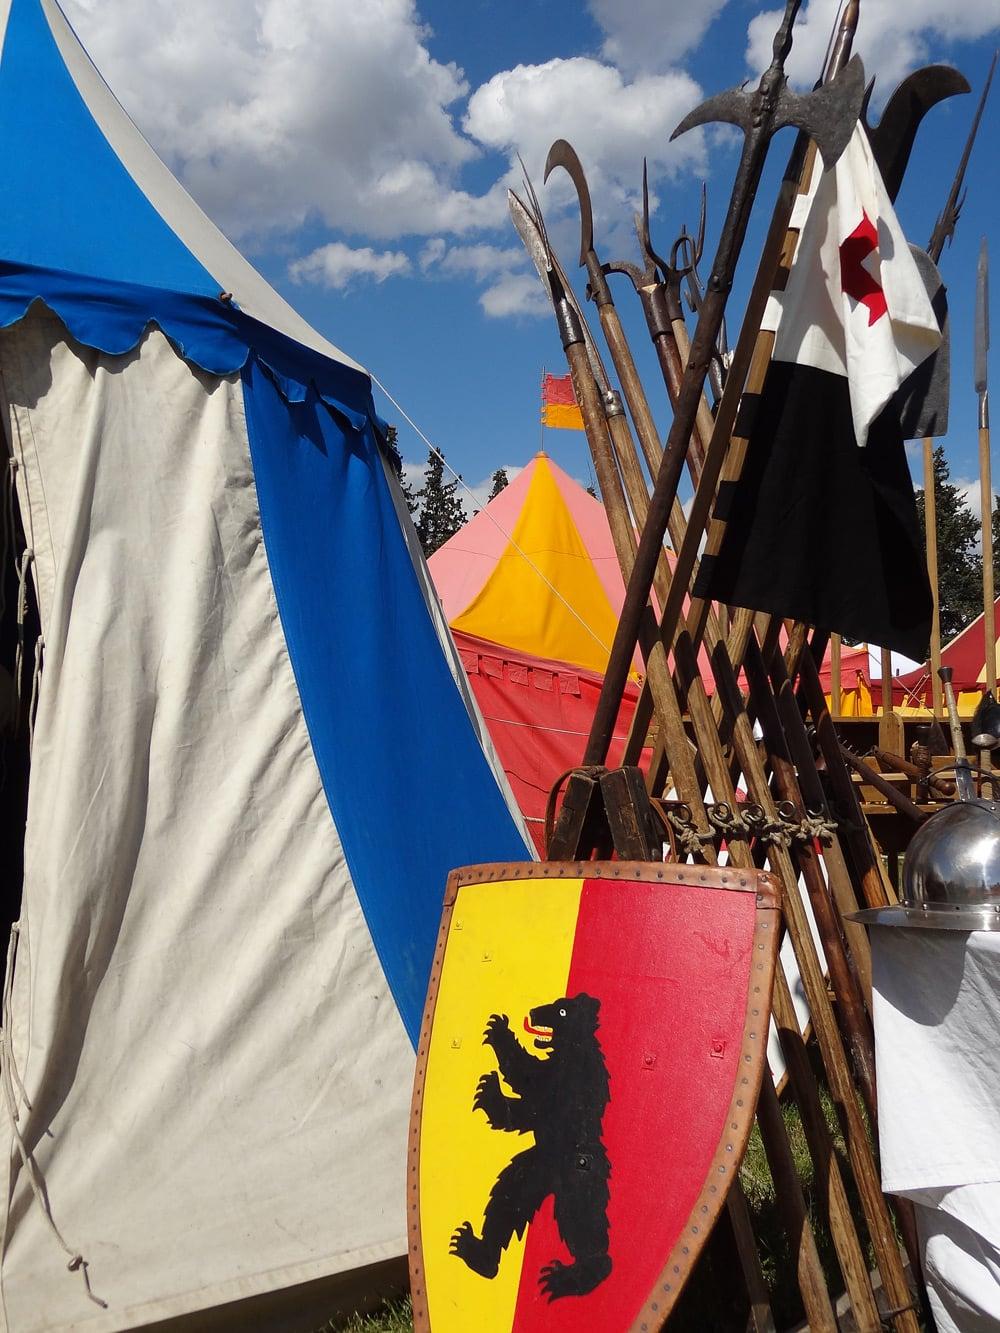 campements médievaux tentes armes blasons Provence